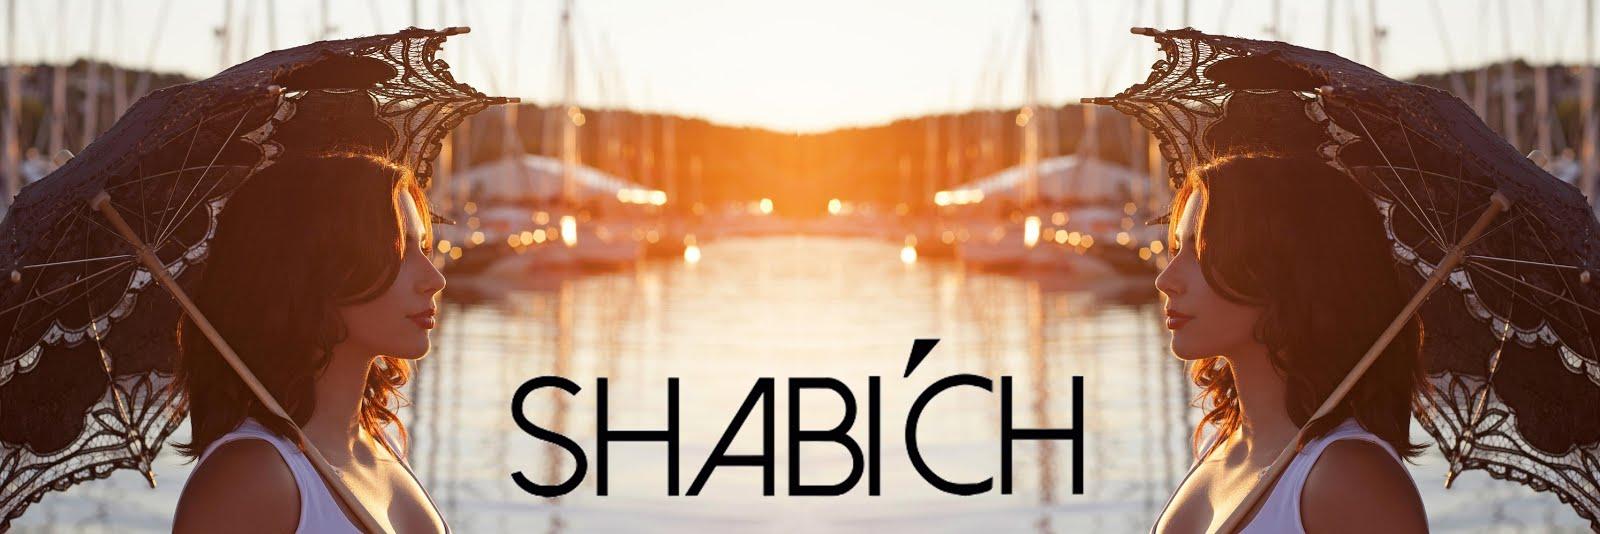 SHABICH